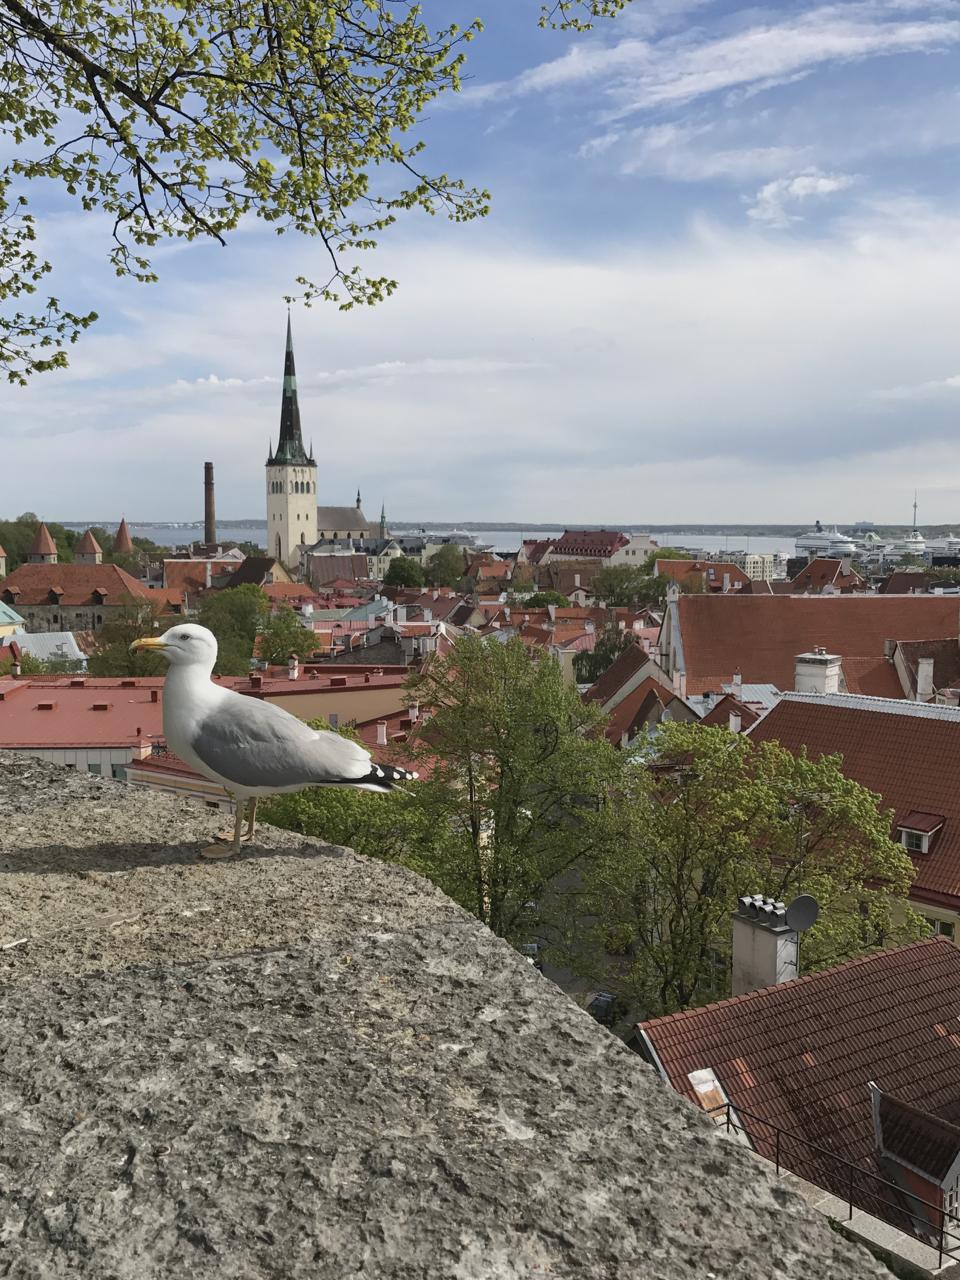 Teri_Tallin_Estonia Baltics_travel_spiritedtable_photot47.jpg